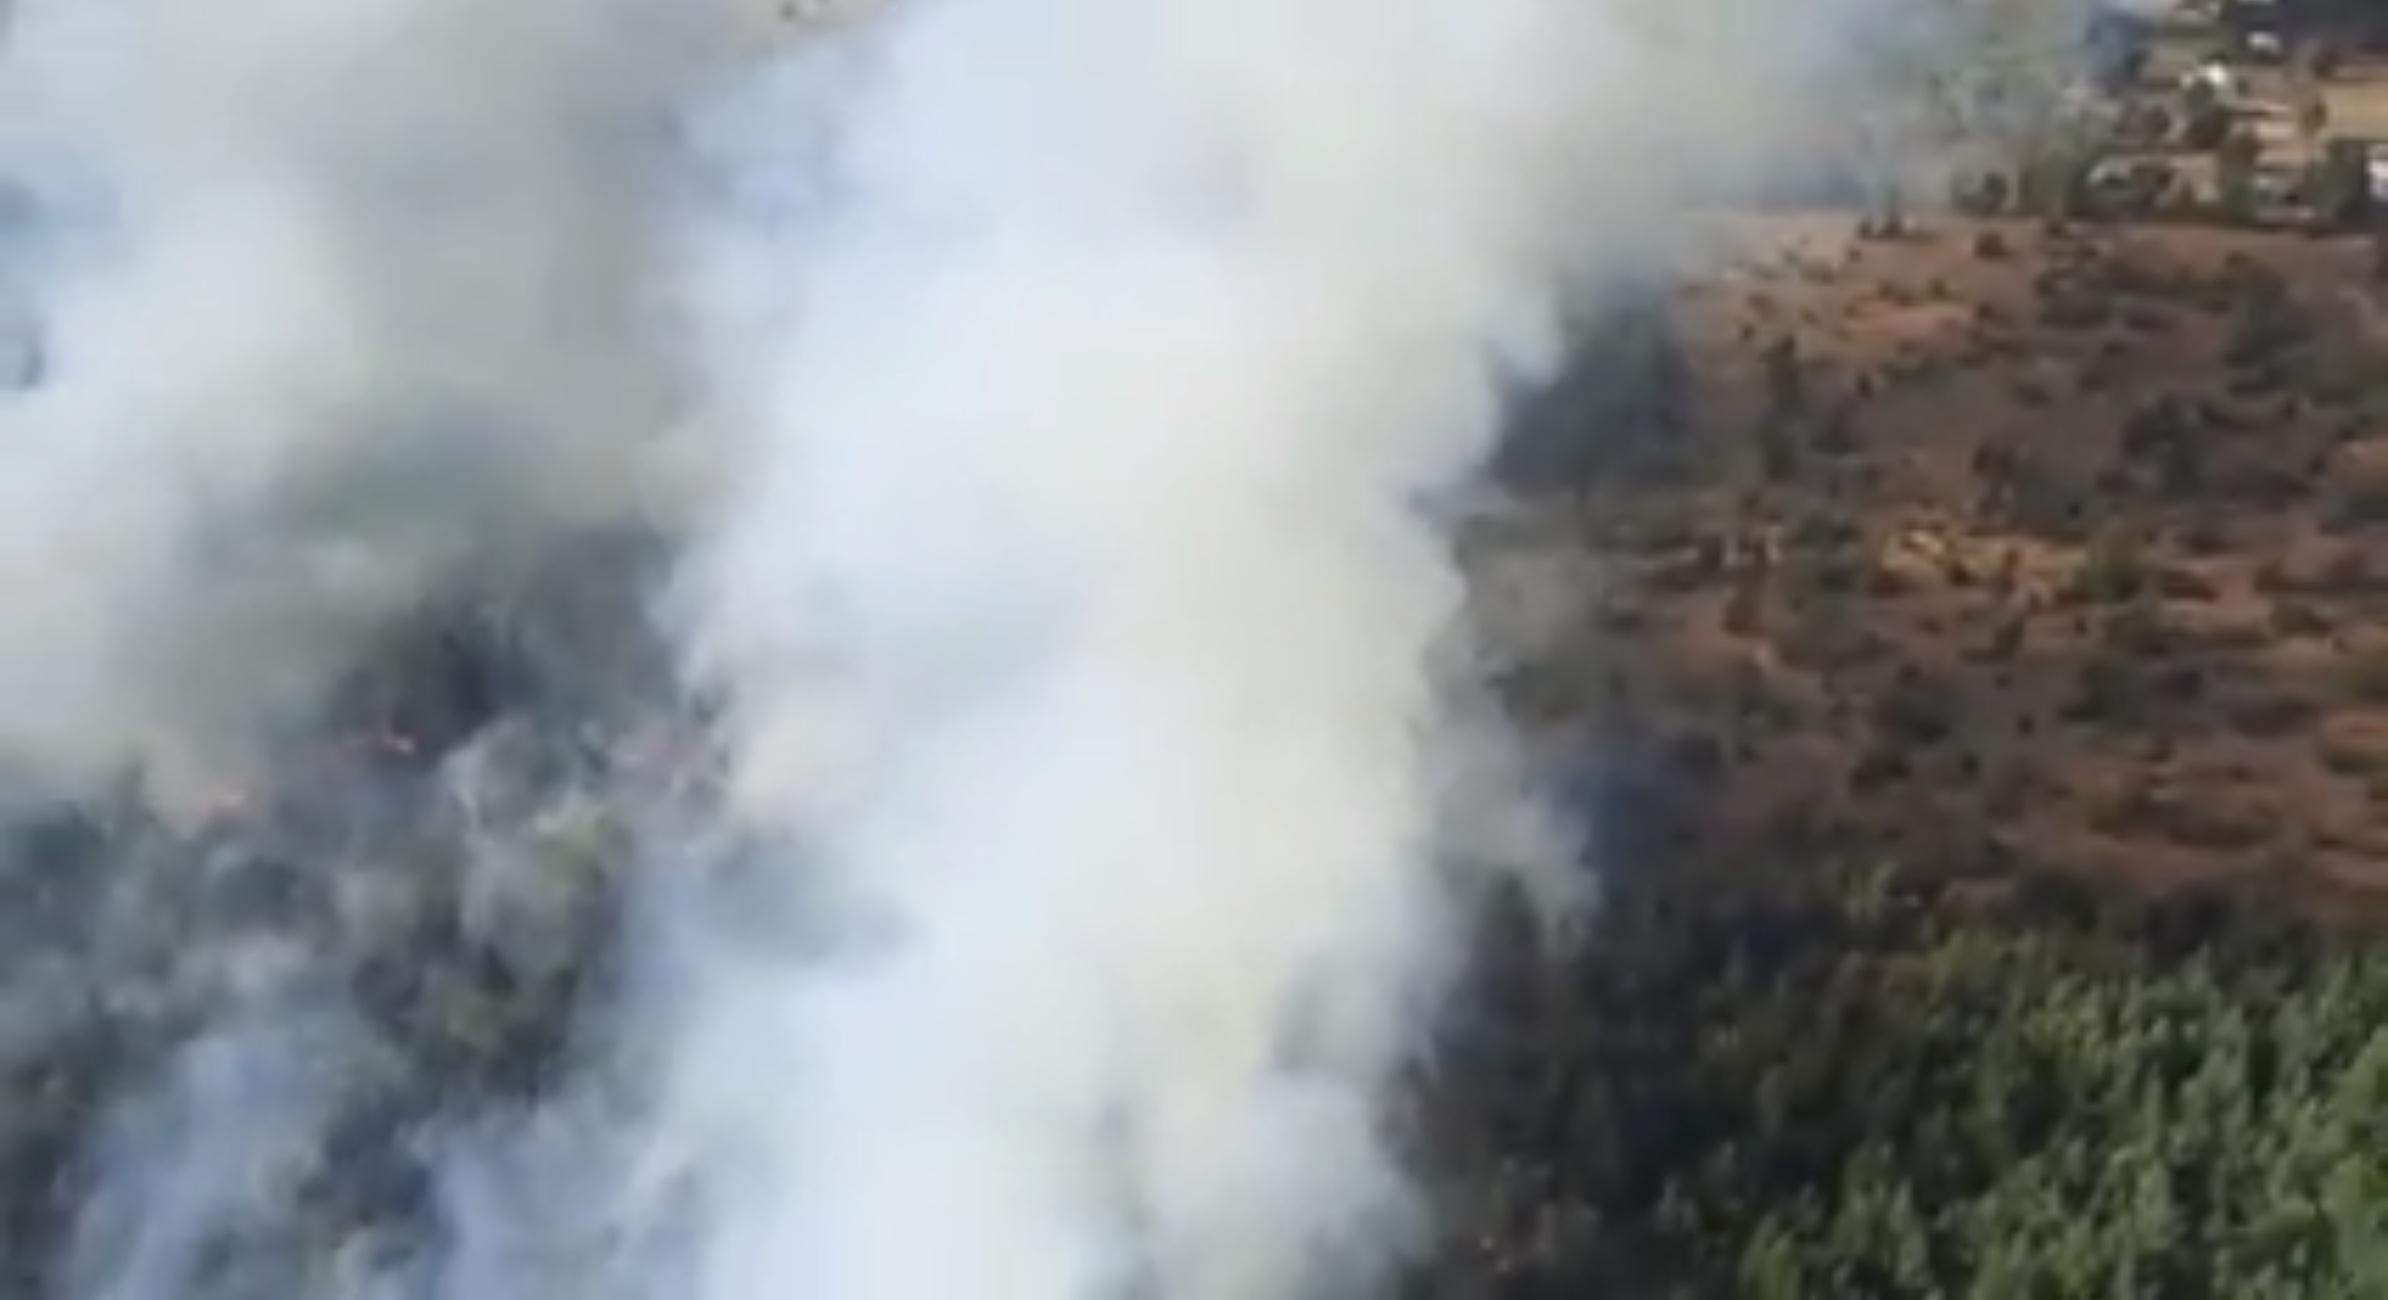 Los Ángeles: Incendio de Chacayal Sur ha destruido más de 19 hectáreas